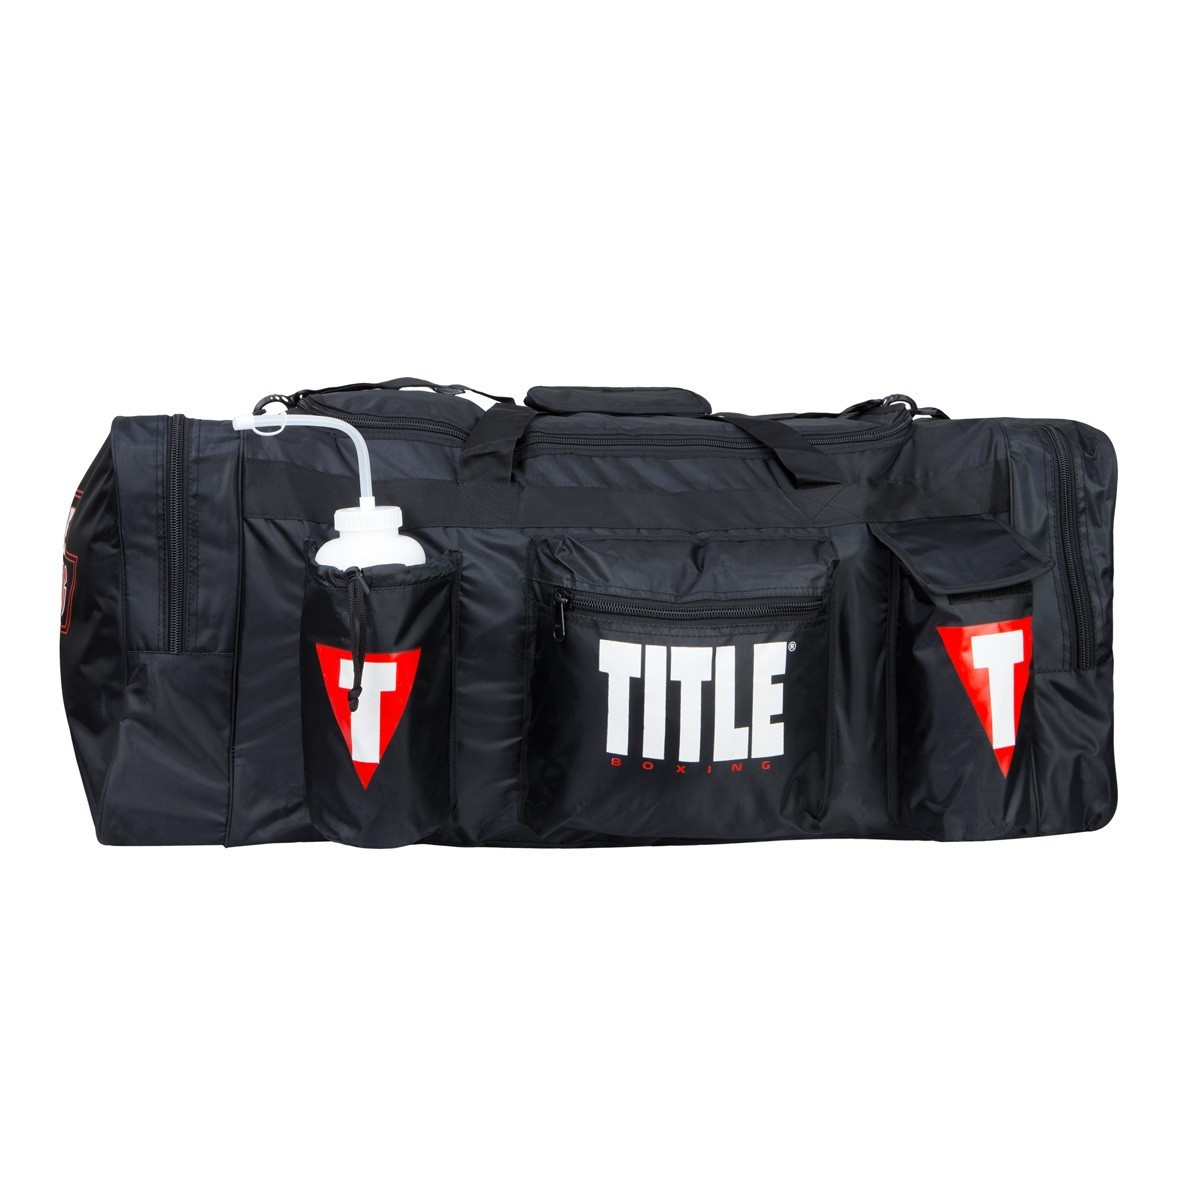 c7ad91f046a6 СУМКА TITLE SUPER HEAVYWEIGHT TEAM EQUIPMENT BAG - BLACK - Интернет-магазин  24Sport в Киеве